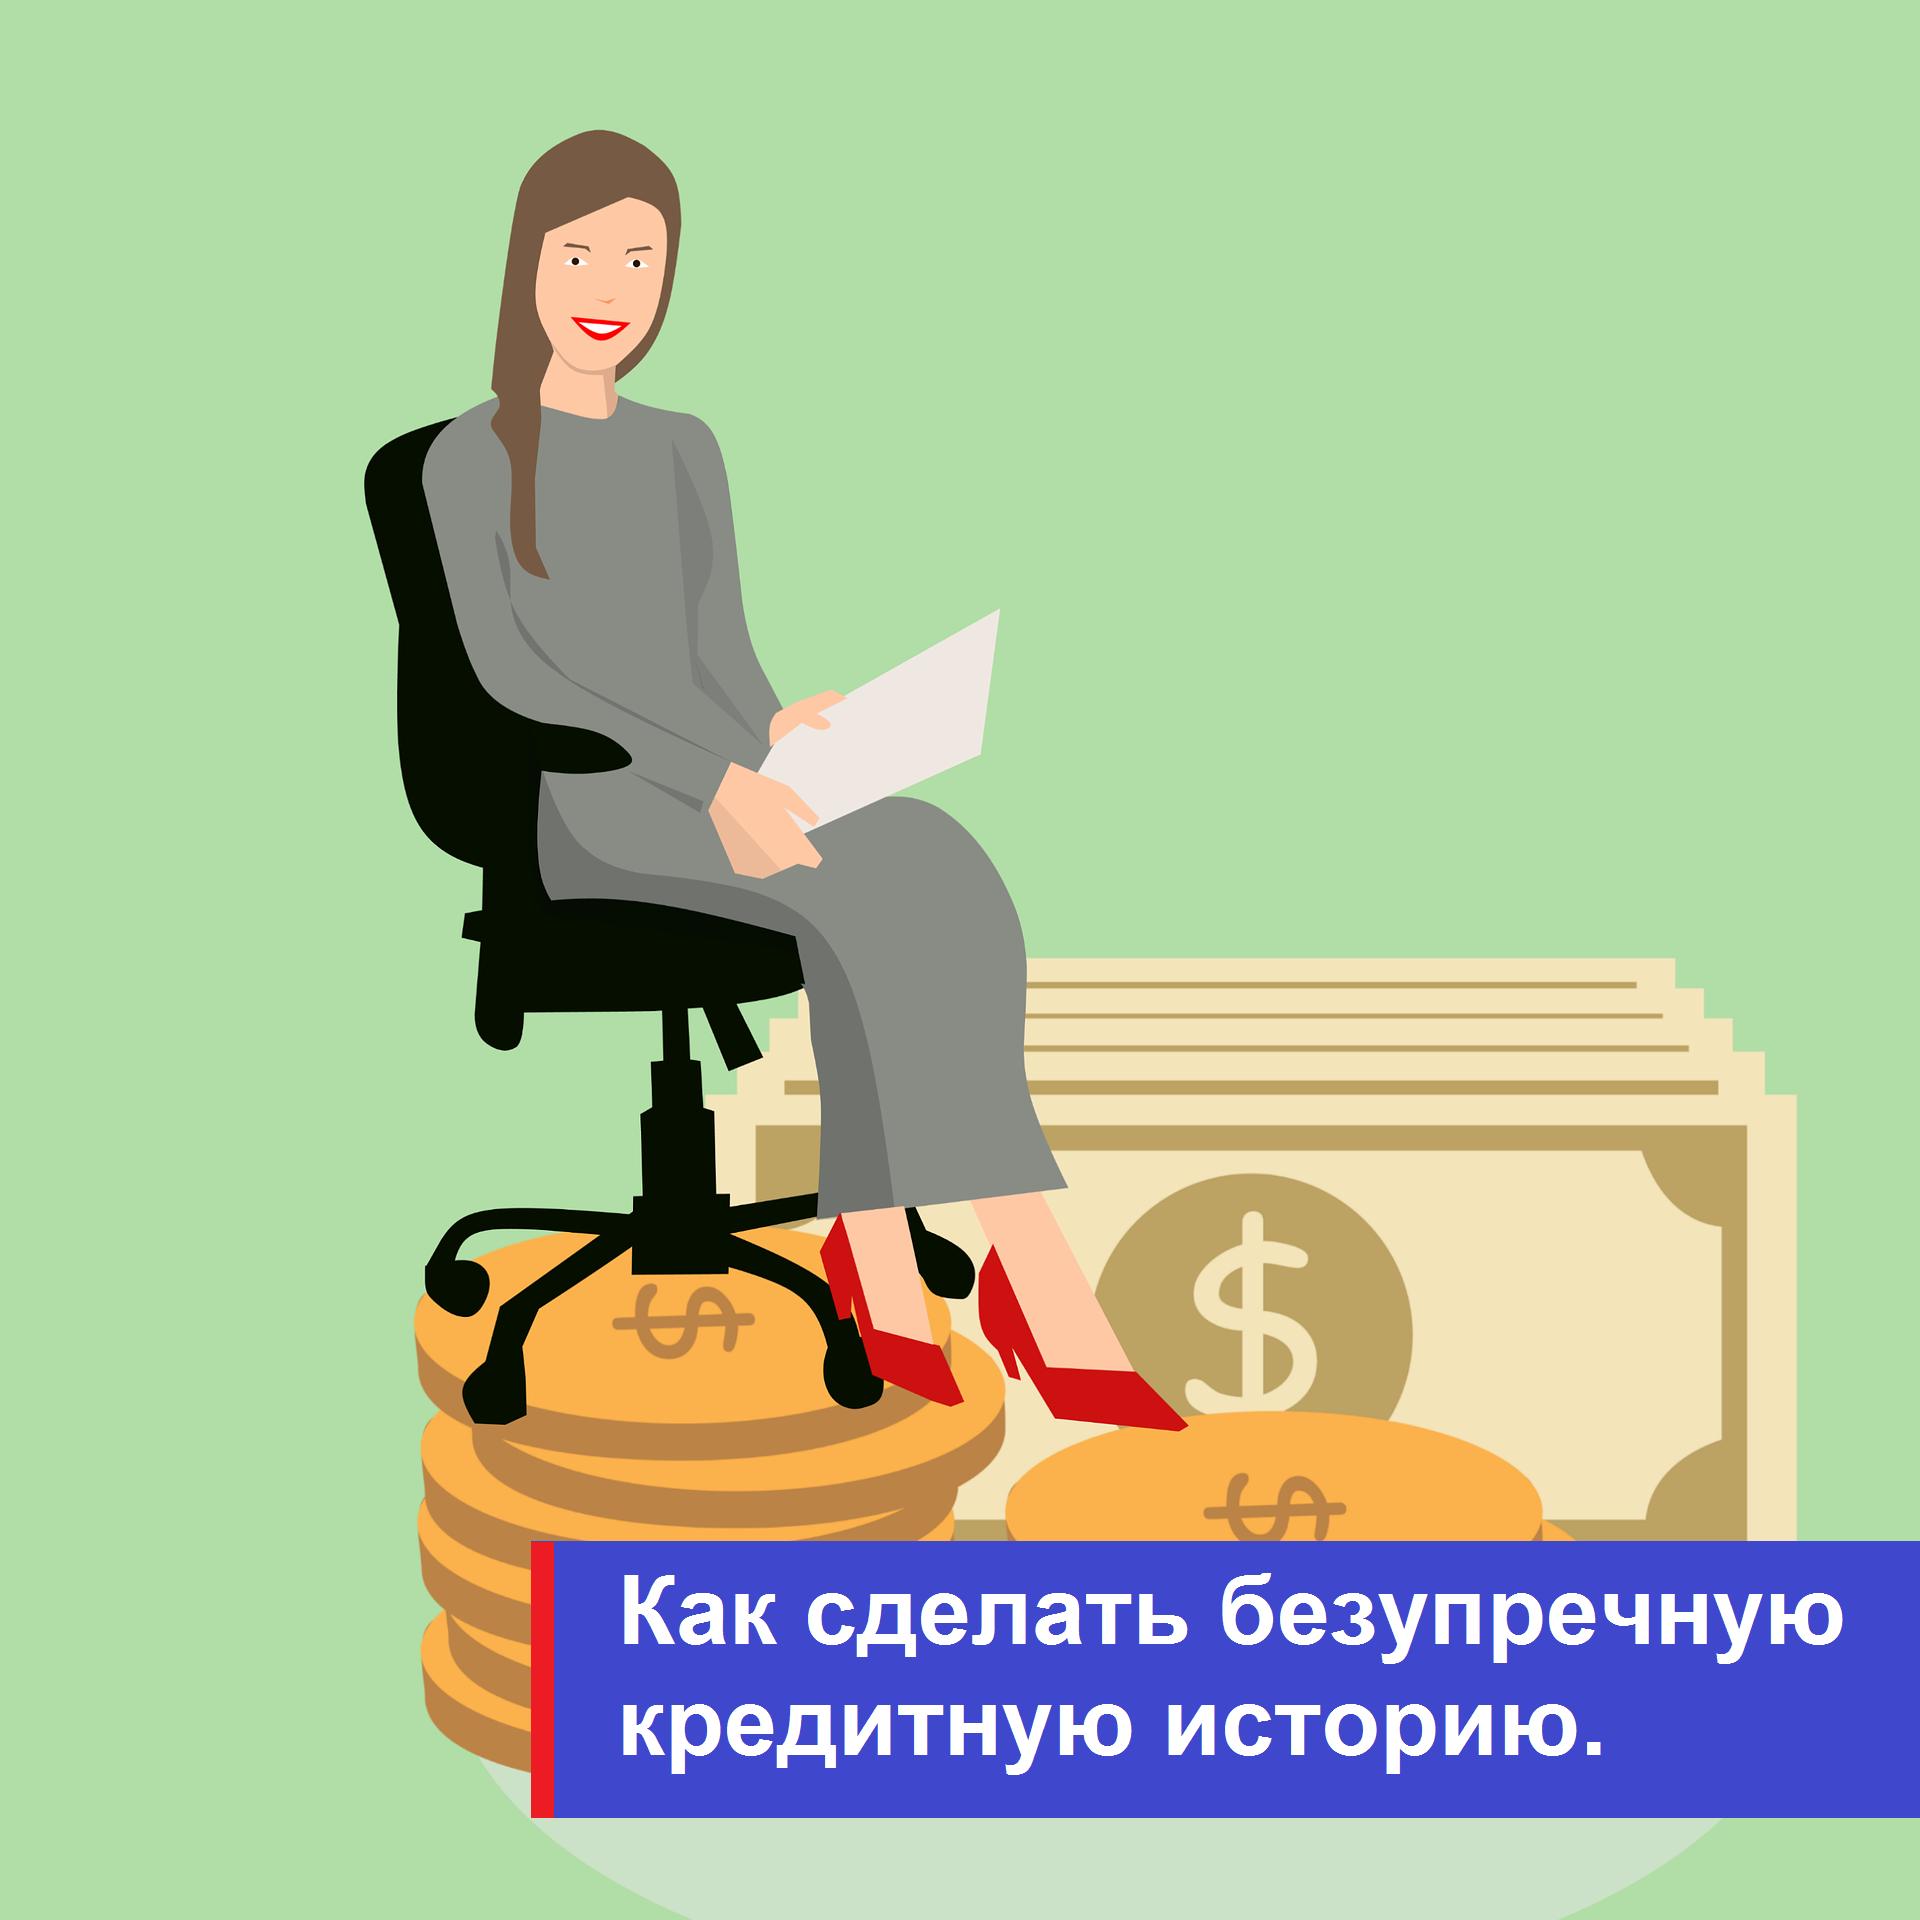 метрокредит личный кабинет войти в личный кабинет регистрация по номеру карты